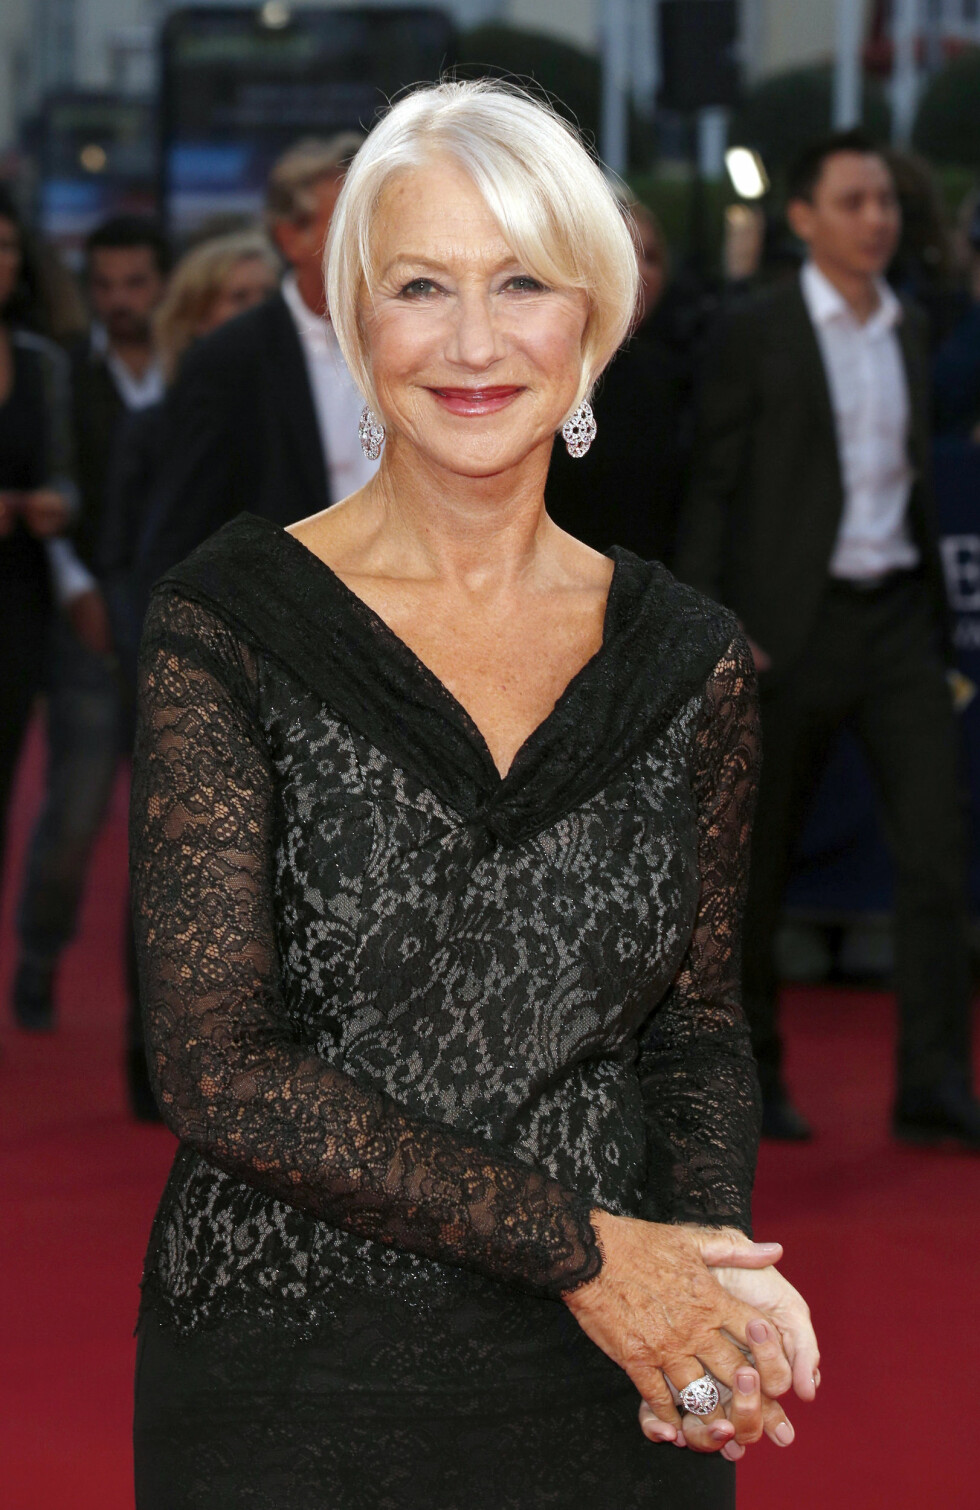 FLOTT: Helen Mirren skal bli modell for skjønnhetsgiganten L'Oreal. Foto: REX/Franck Leguet/All Over Press